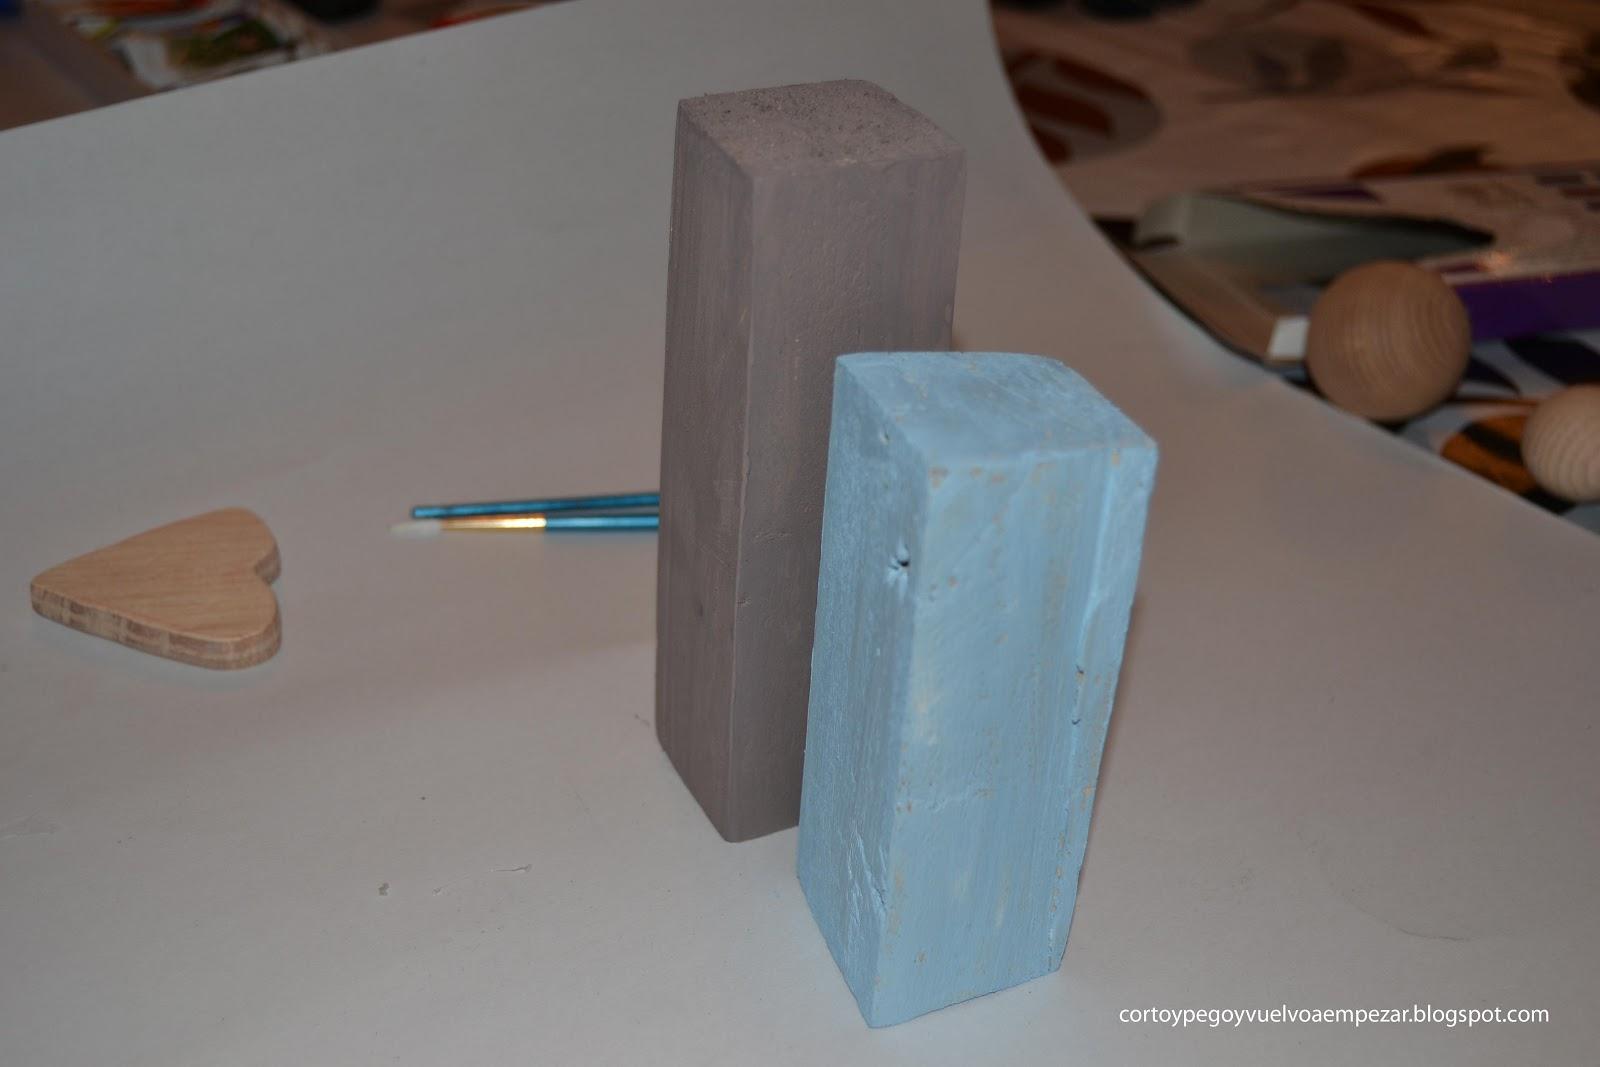 Cortoypegoyvuelvoaempezar portal - Tocones de madera ...